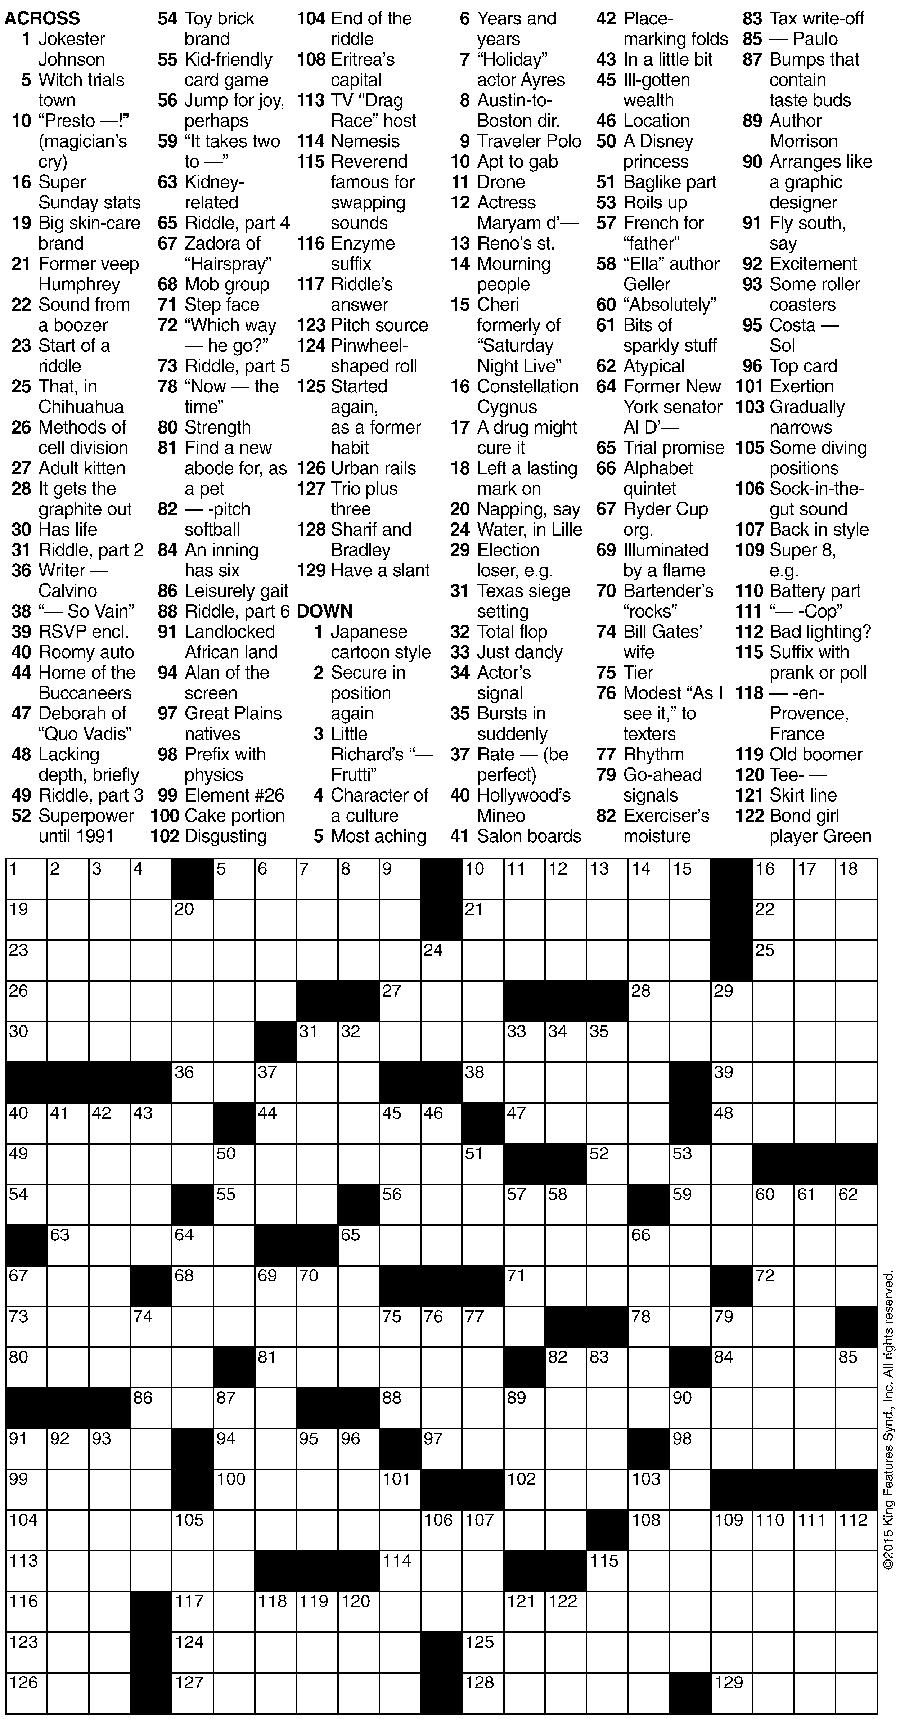 crossword1-1-ffe46ba6ab8a89d9.png